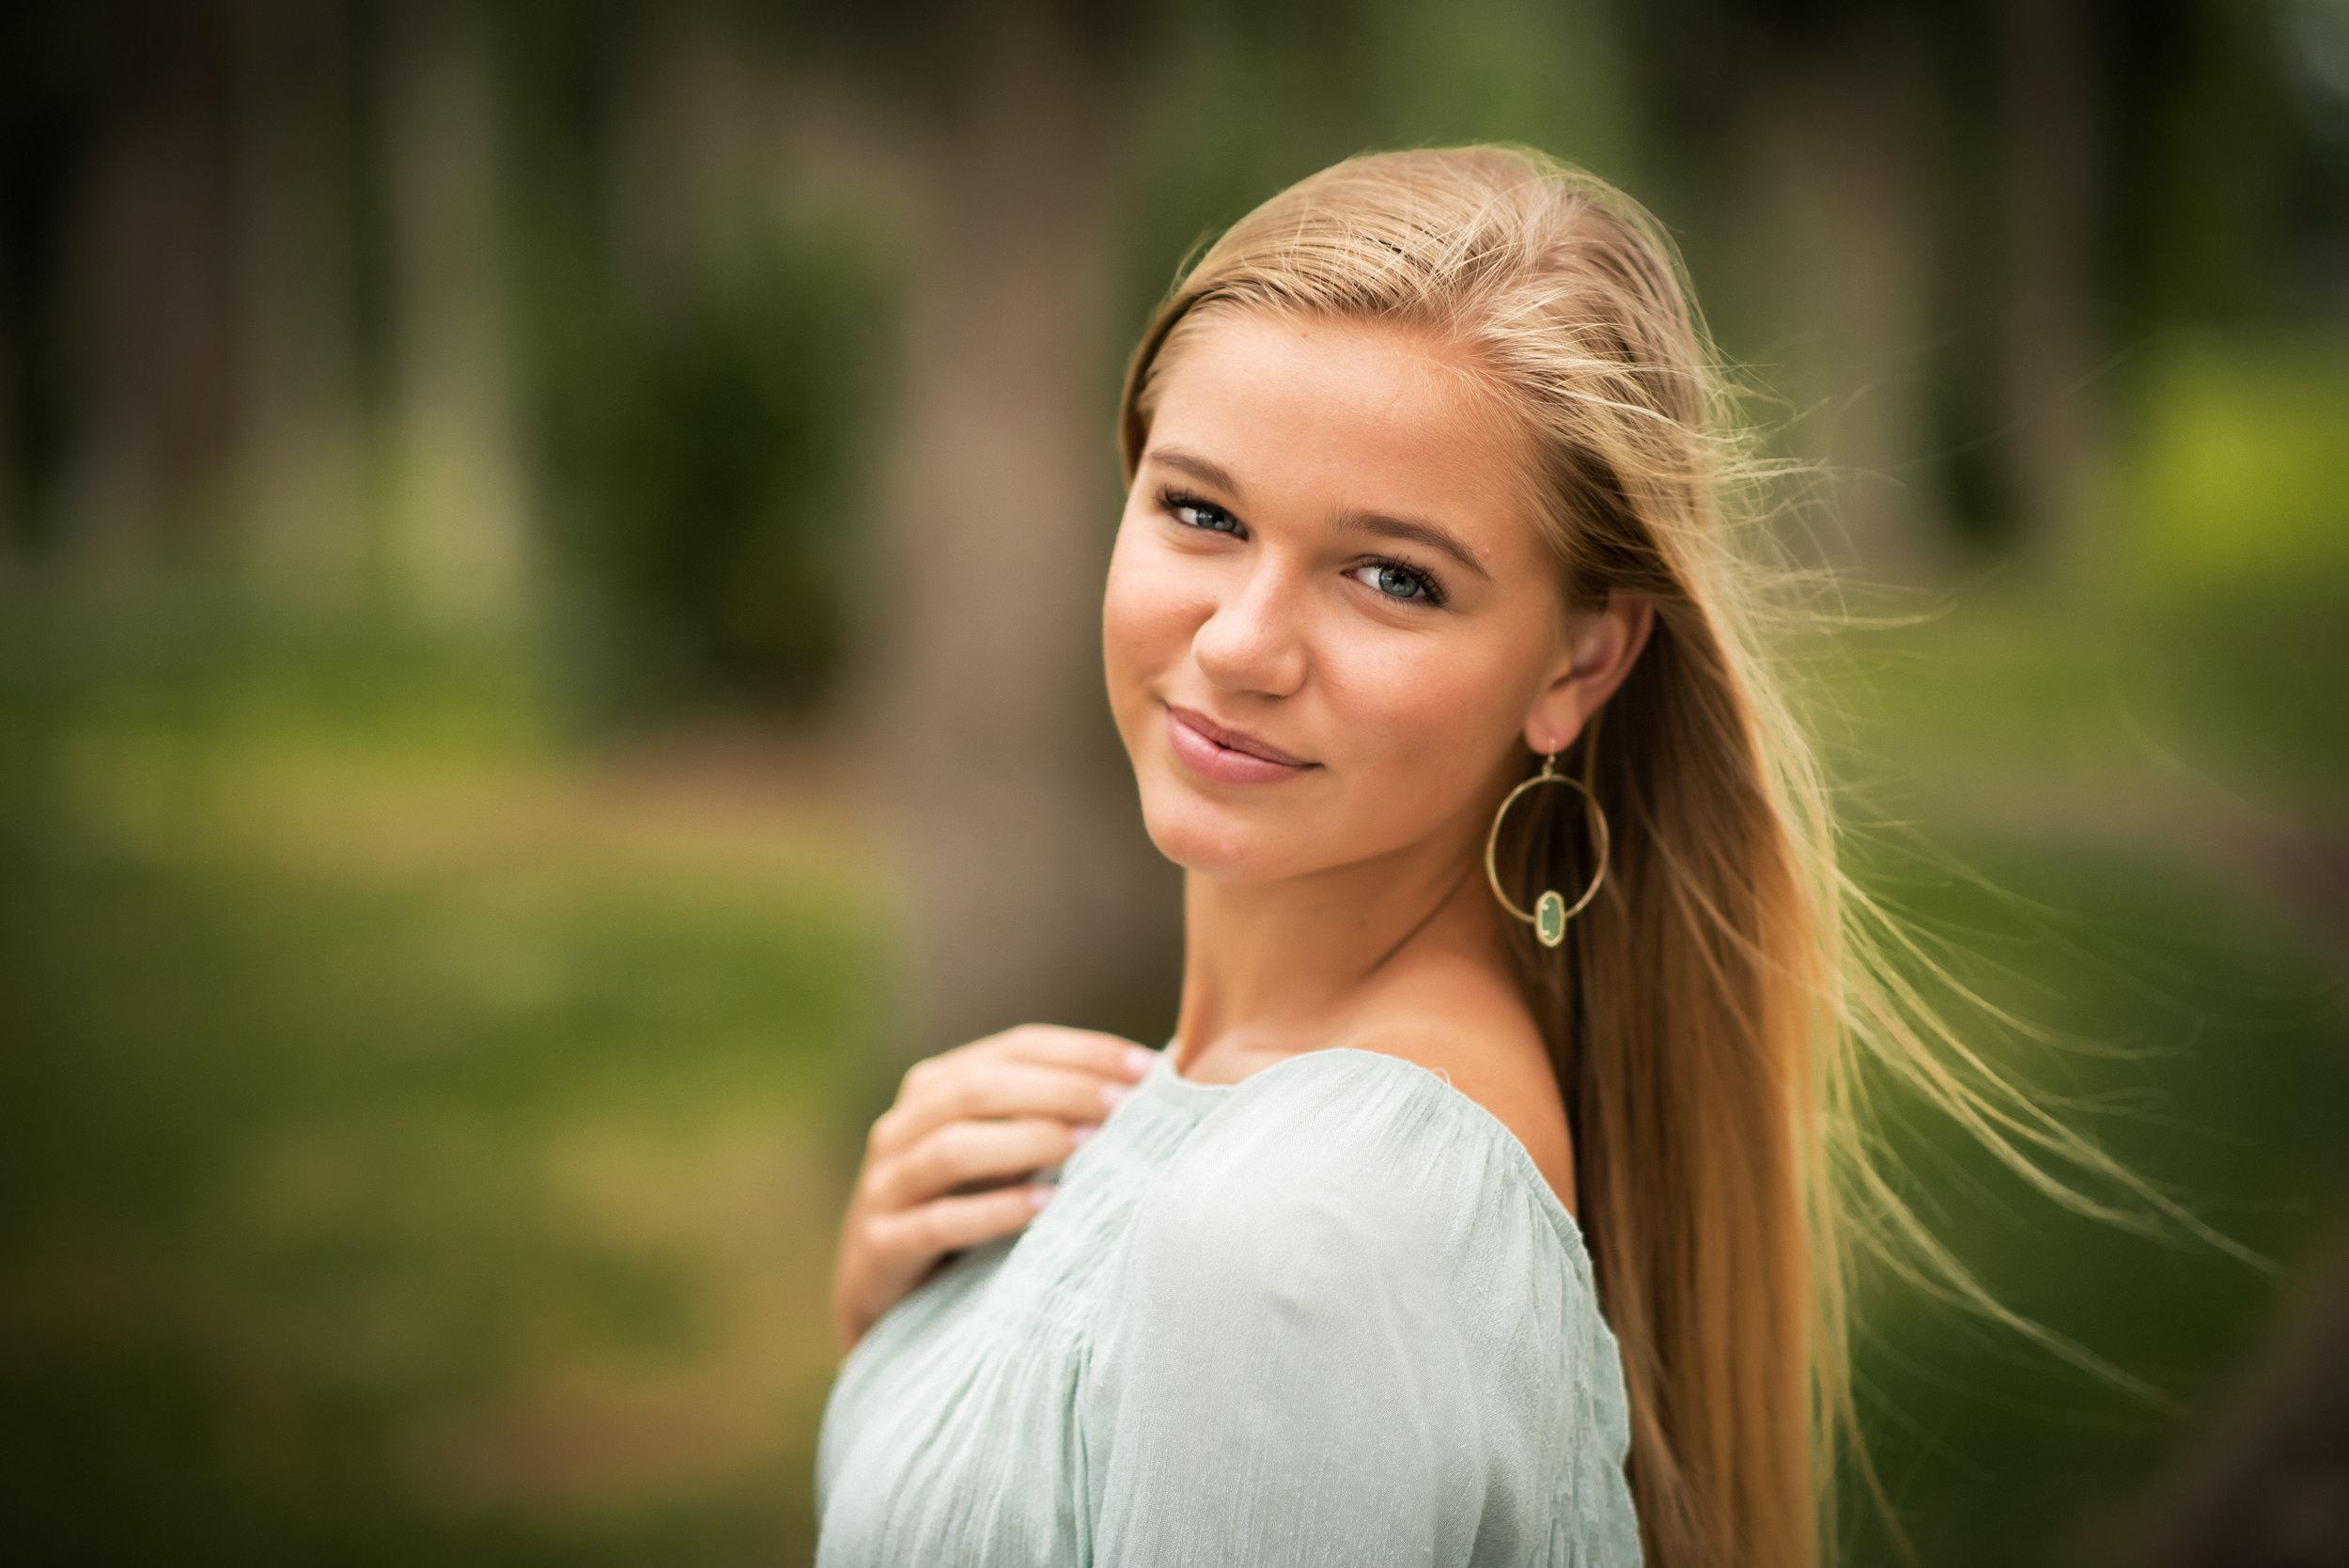 Kristin Grover Images senior photographer. Jacksonville, fl